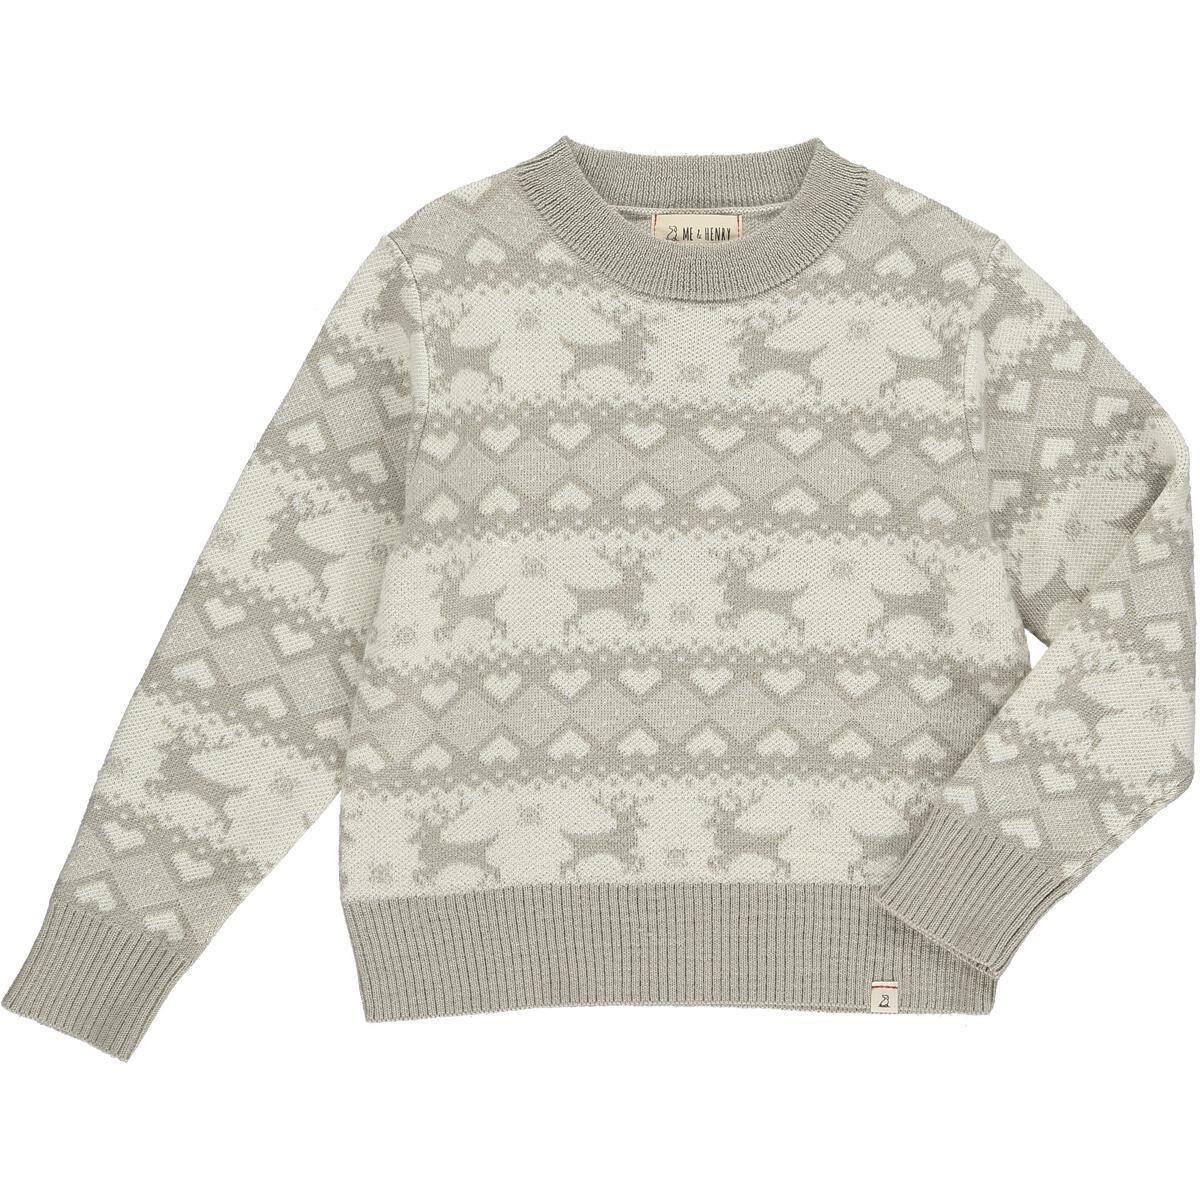 Vignette Vignette Oslo Sweater